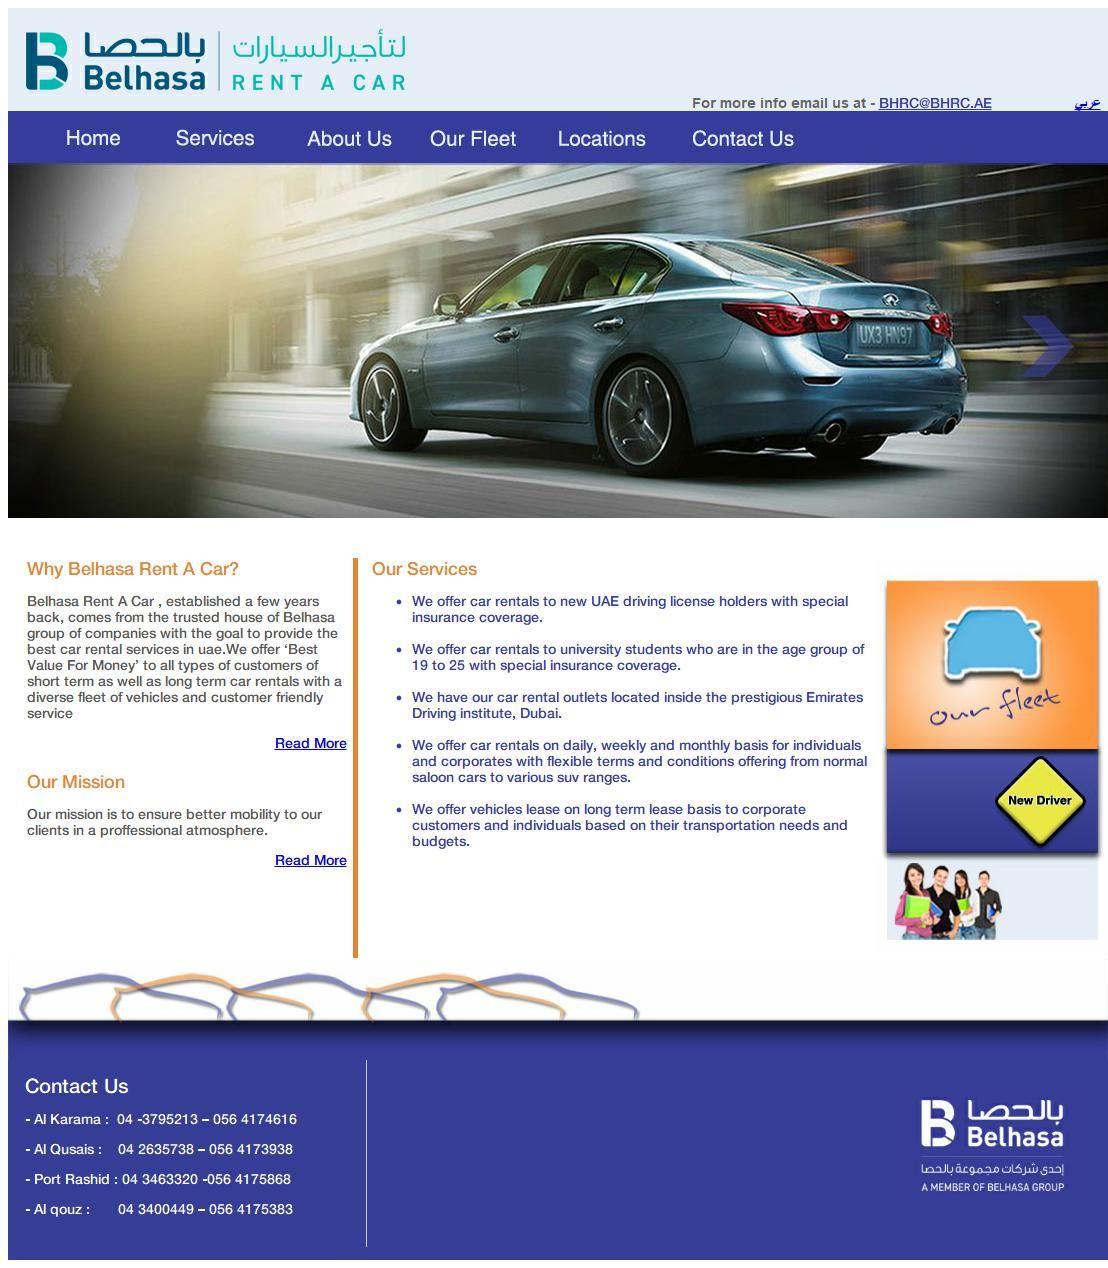 Belhasa Rent A Car, Llc Abdulla Ali Abdulla Building, 50, 14c Street